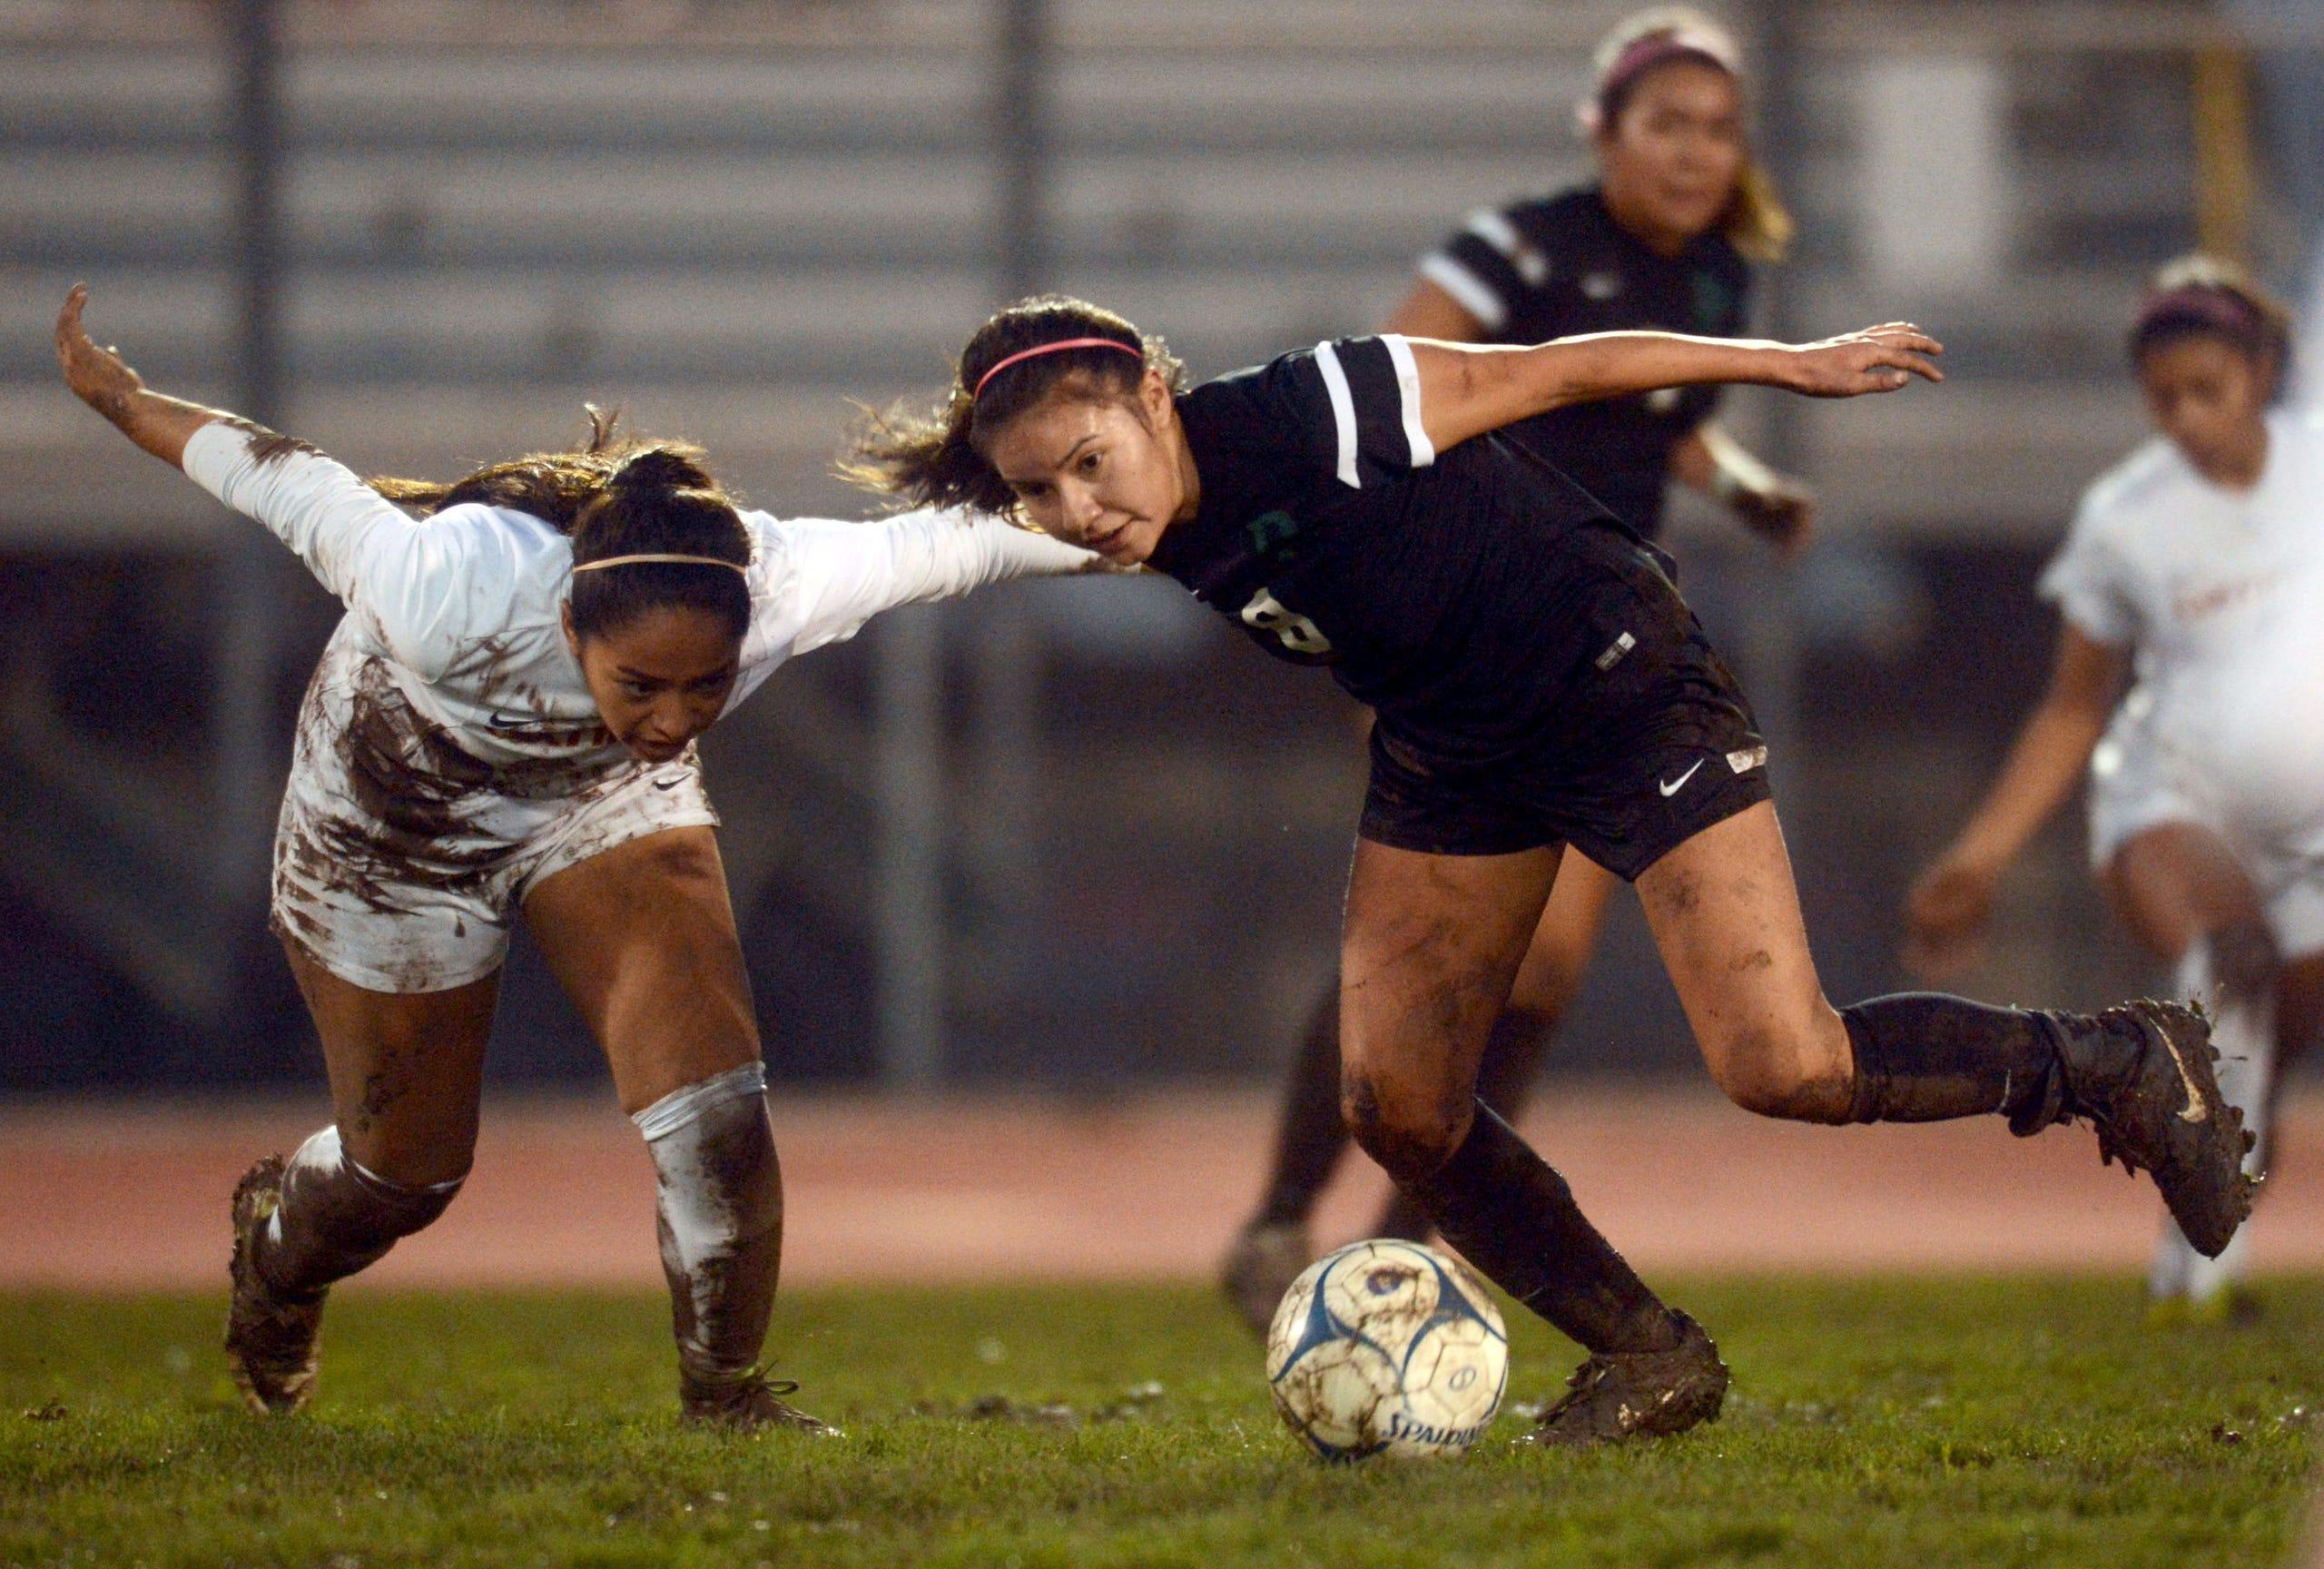 oxnard pacifica split in soccer showdown oxnard pacifica split in soccer showdown